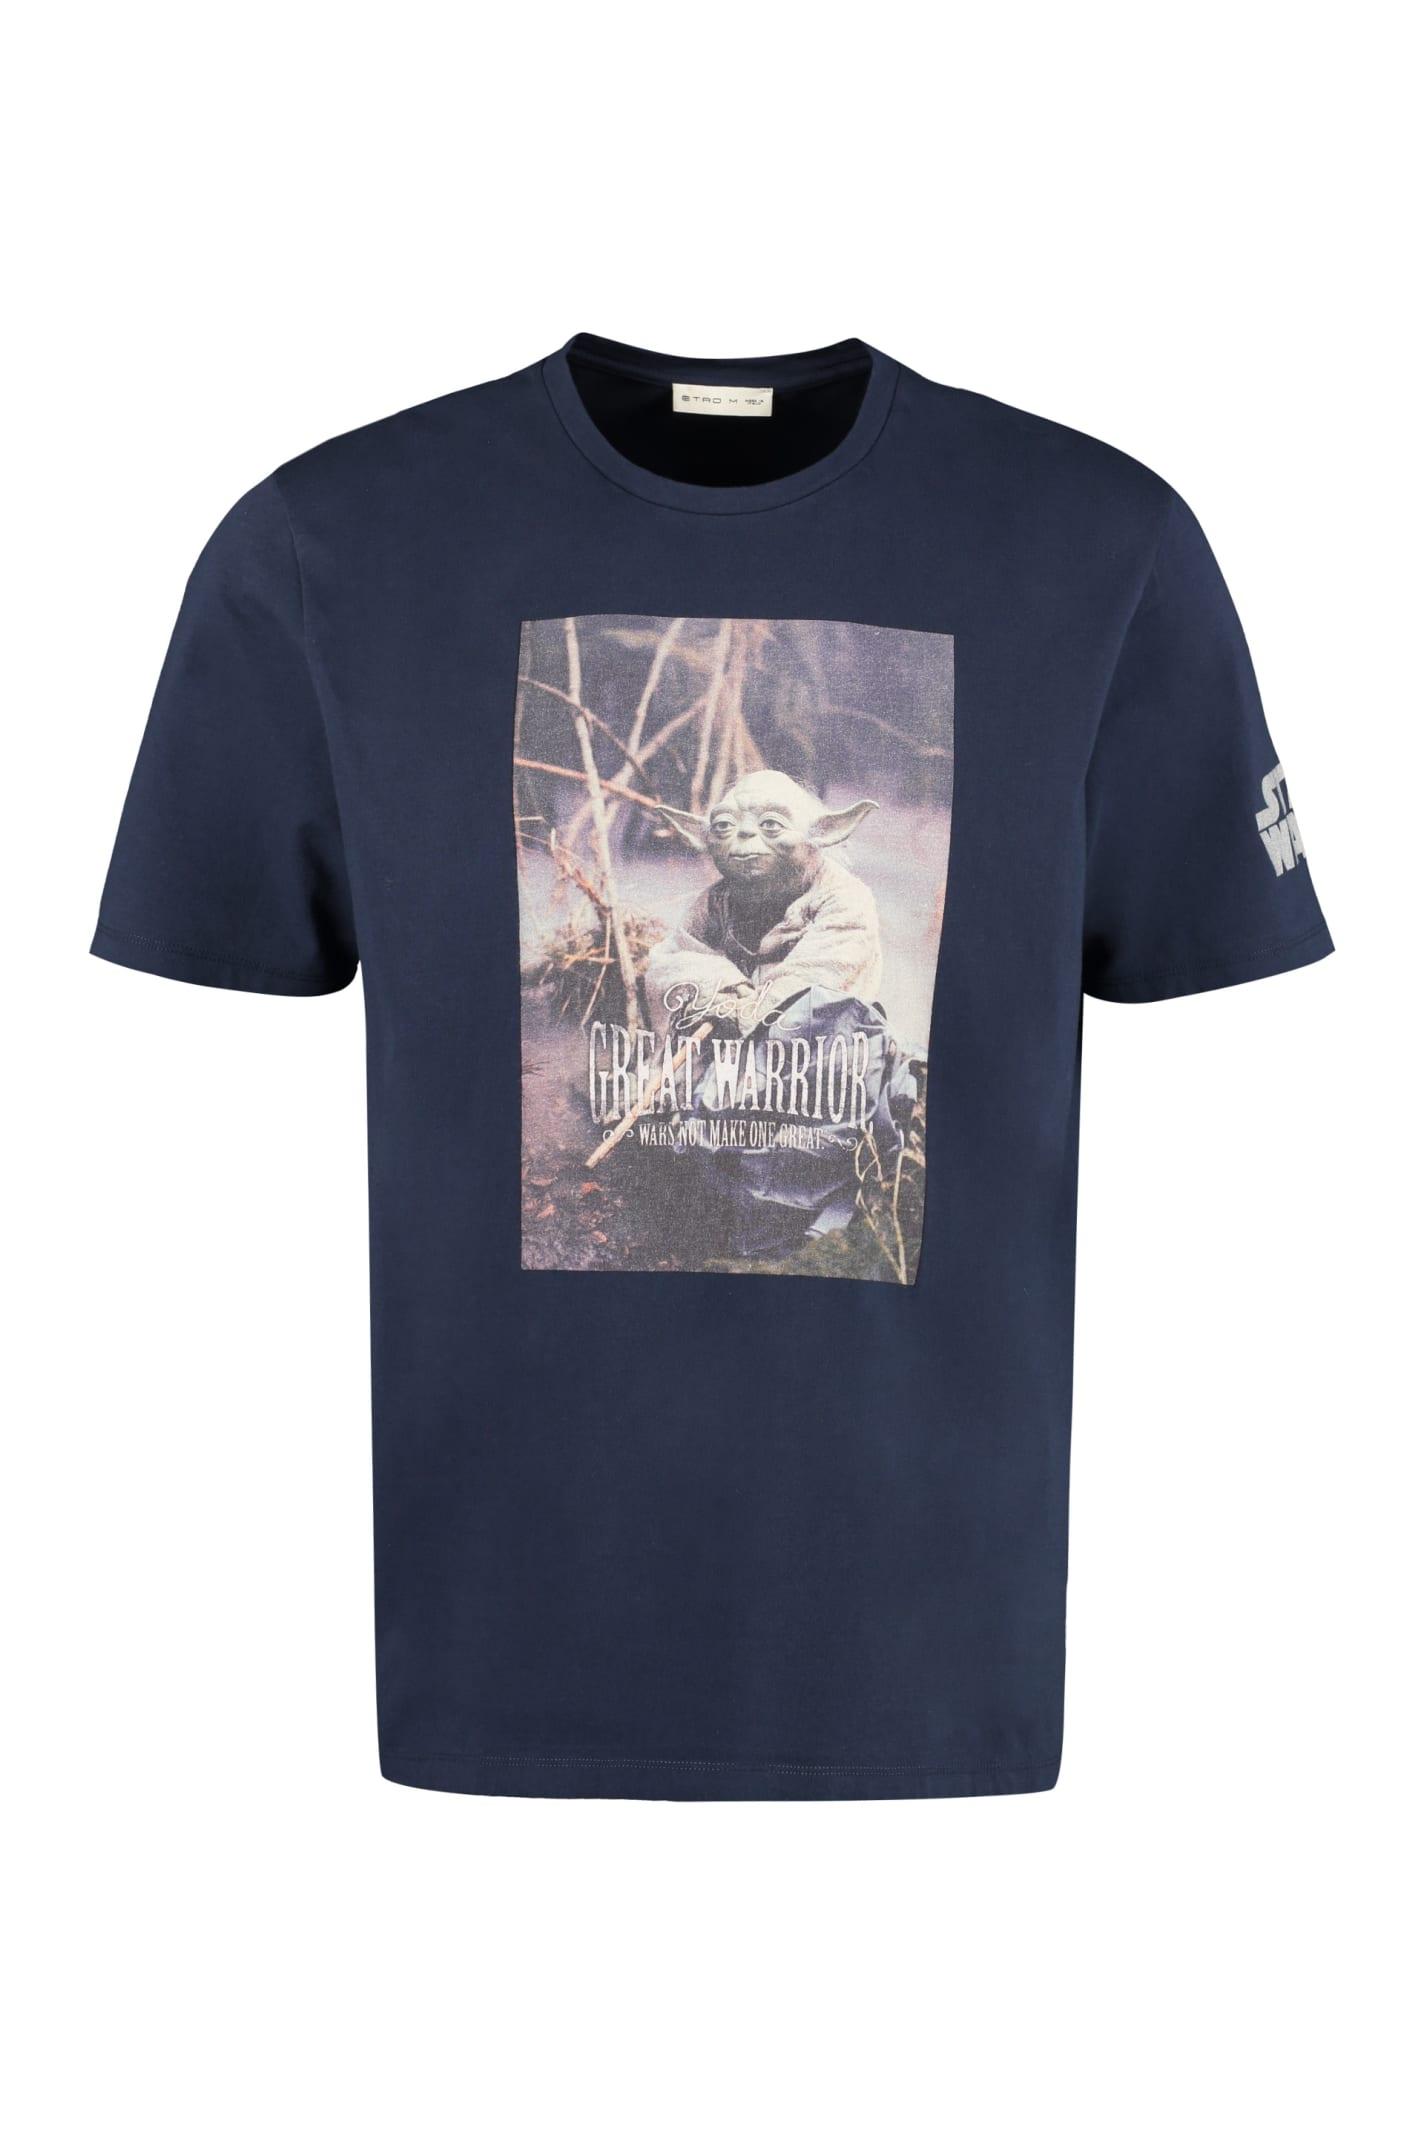 Etro Etro X Star Wars Cotton T-shirt